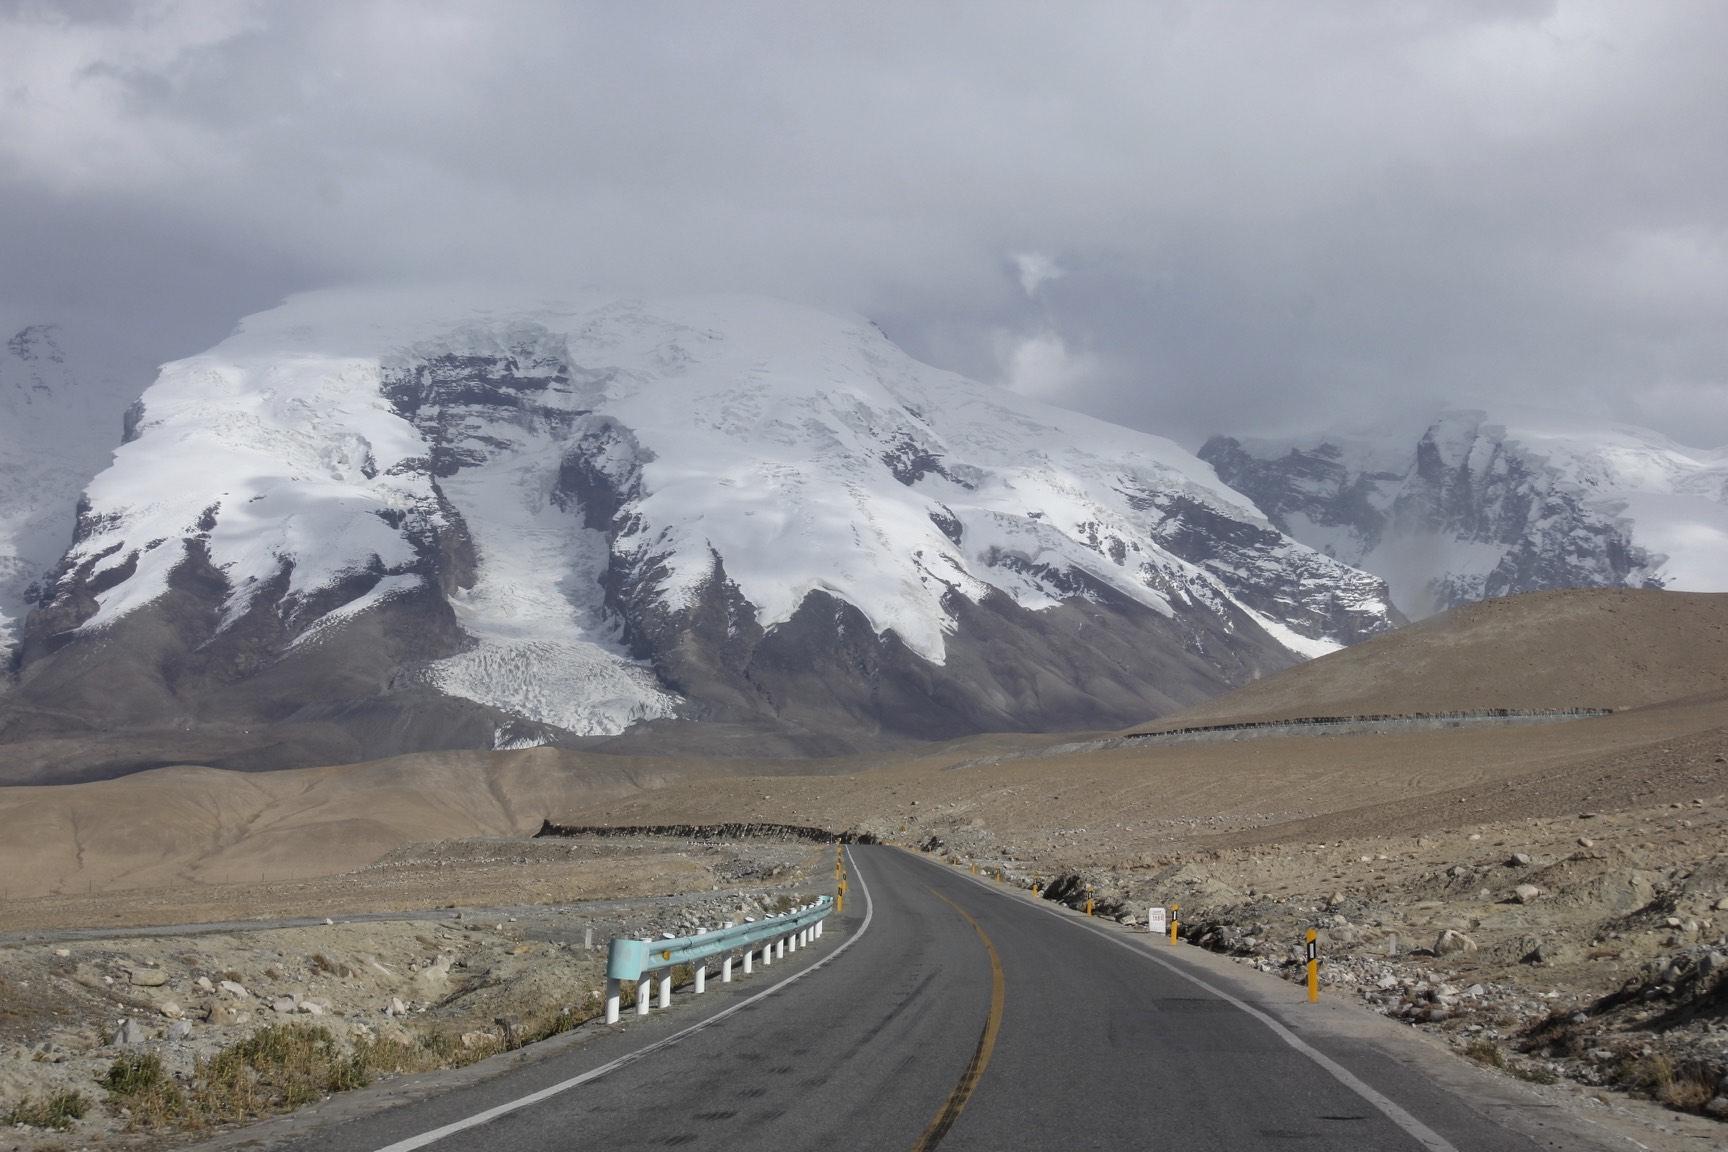 The Pamir Highway and the Muztagh Ata